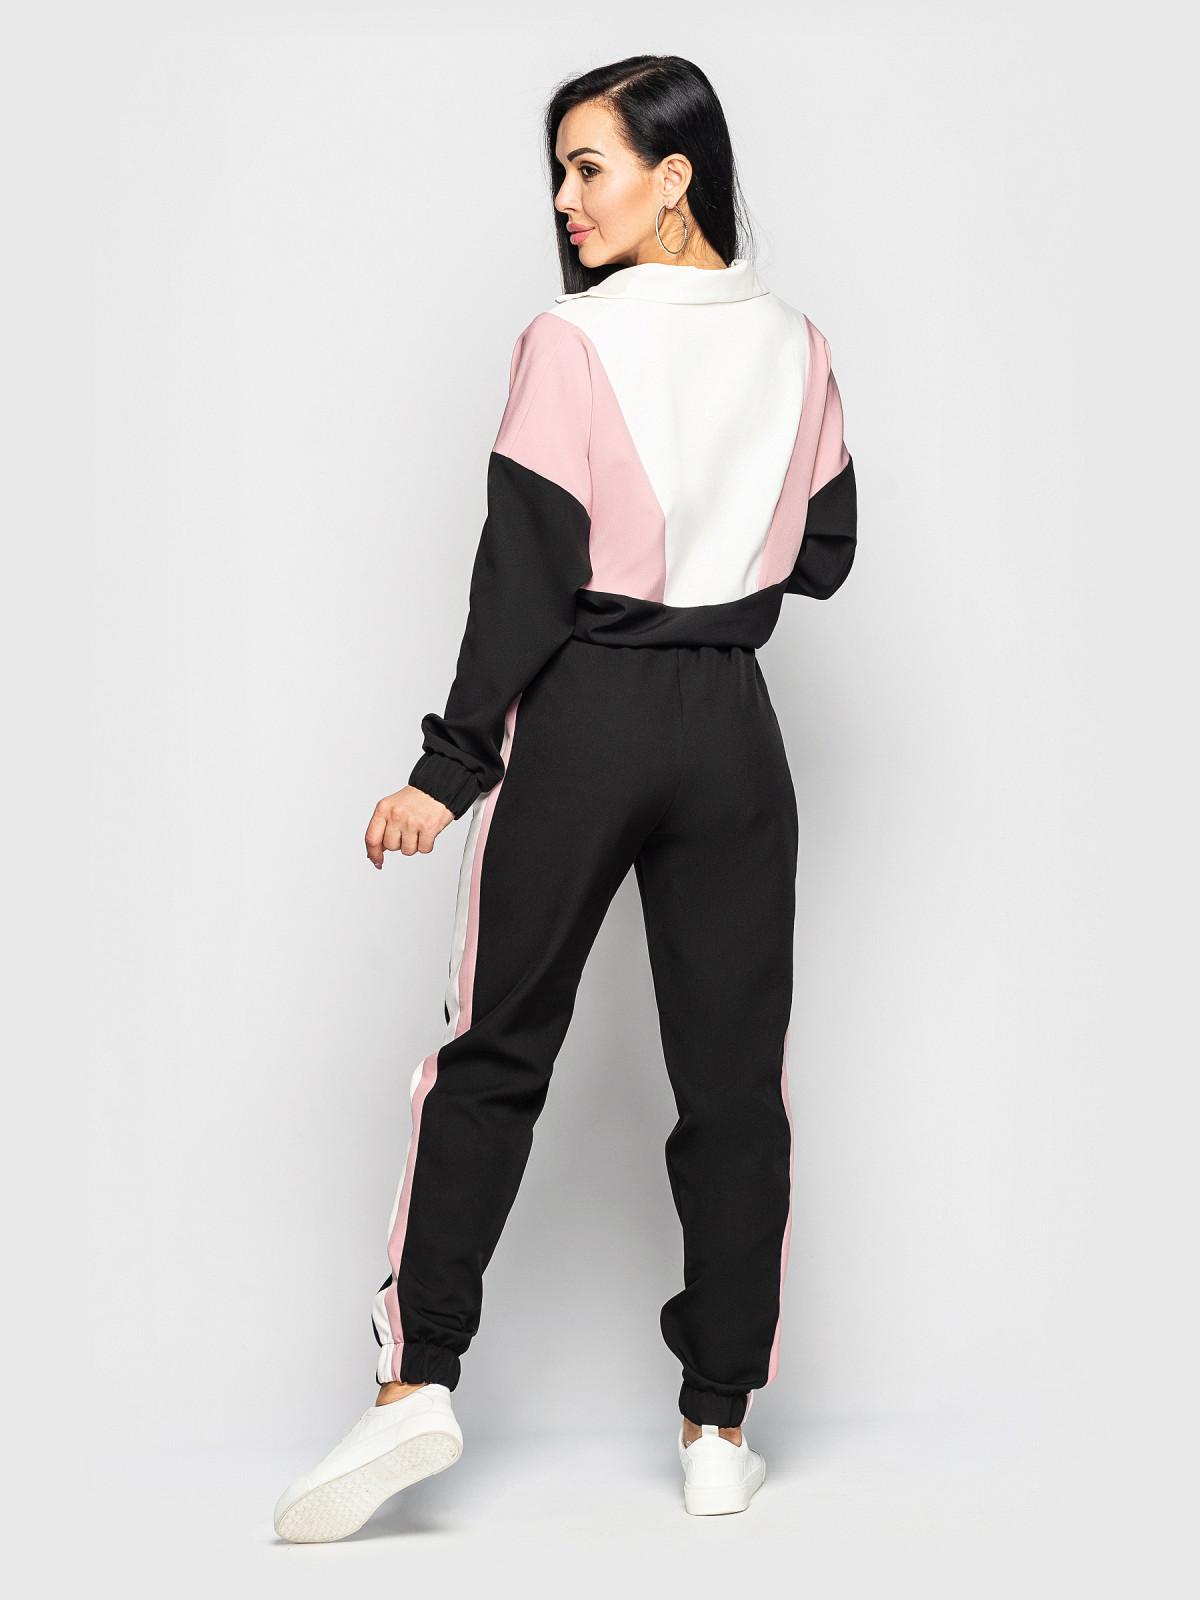 Спортивный костюм Taylor Черный-розовый-белый